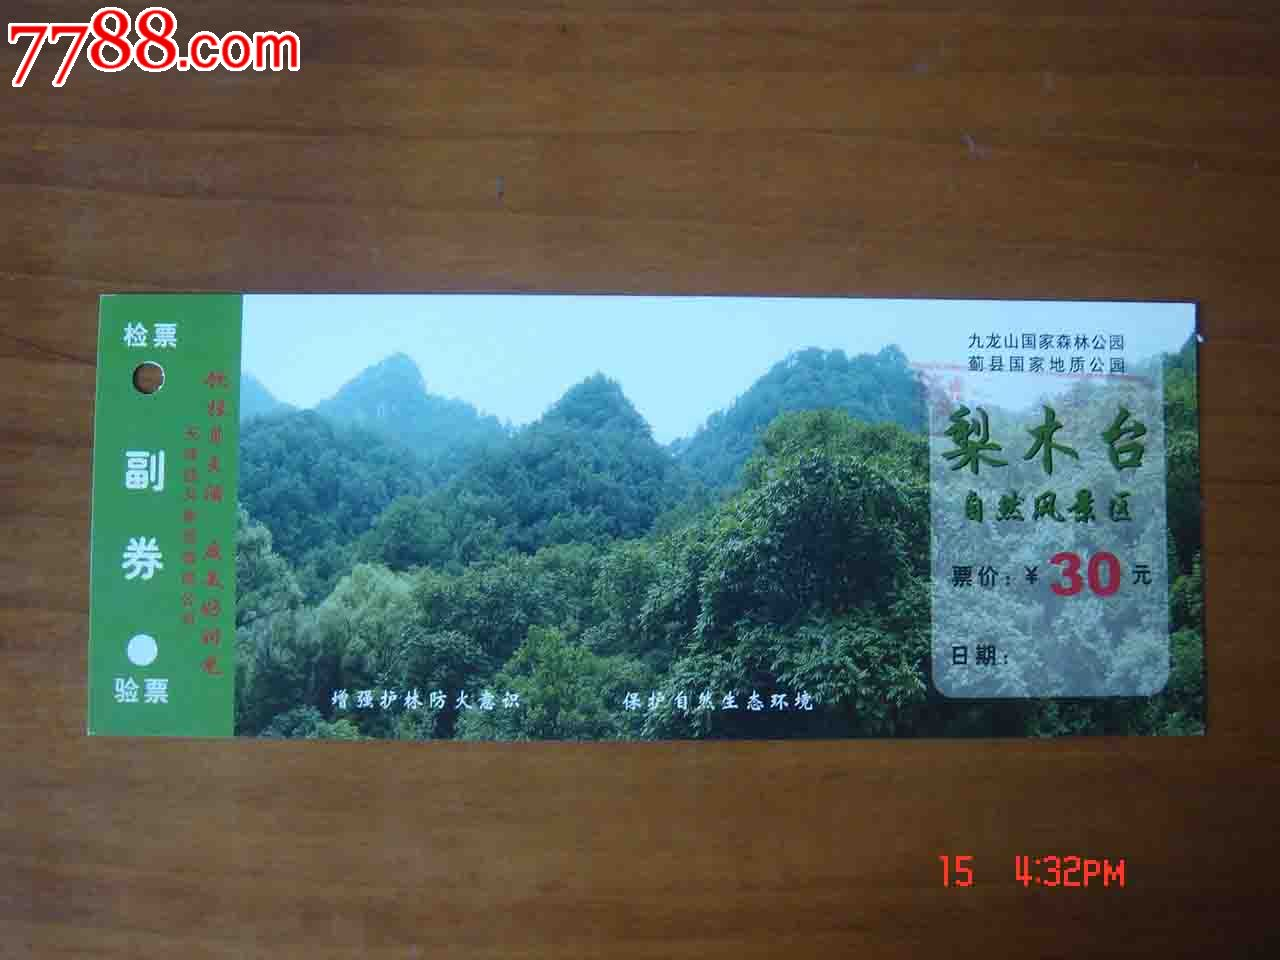 天津蓟县九龙山国家森林公园梨木台景区游览券